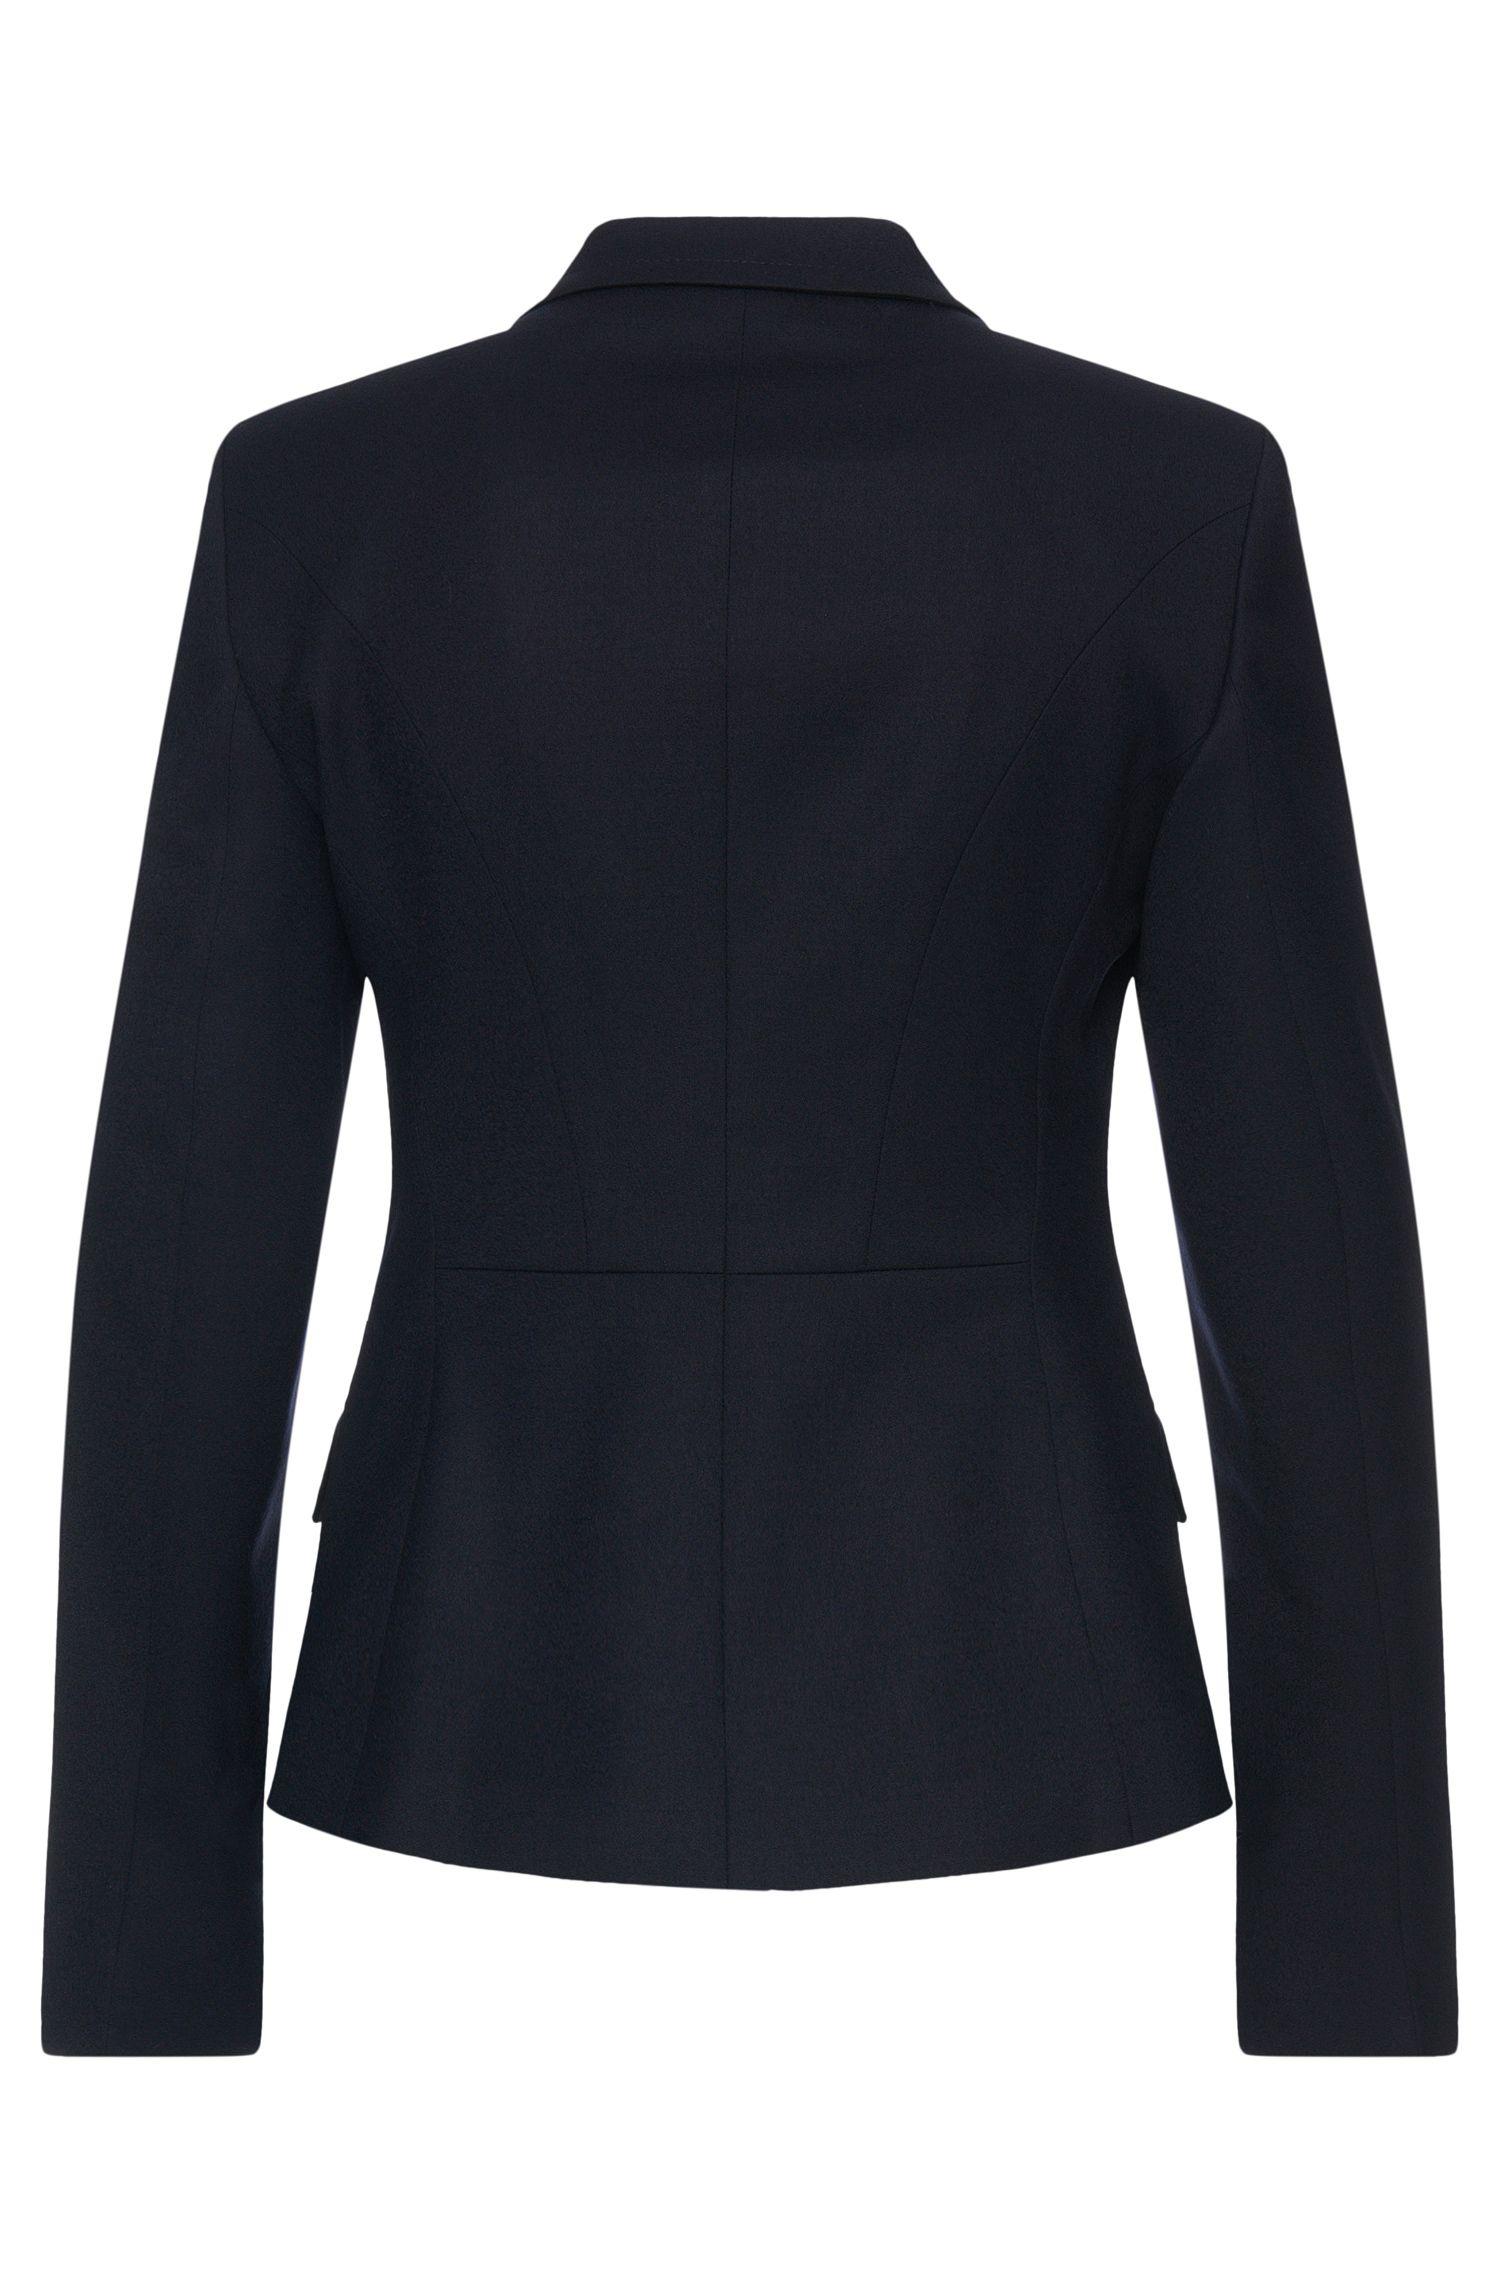 Getailleerde blazer van elastische scheerwol: 'Jobina'